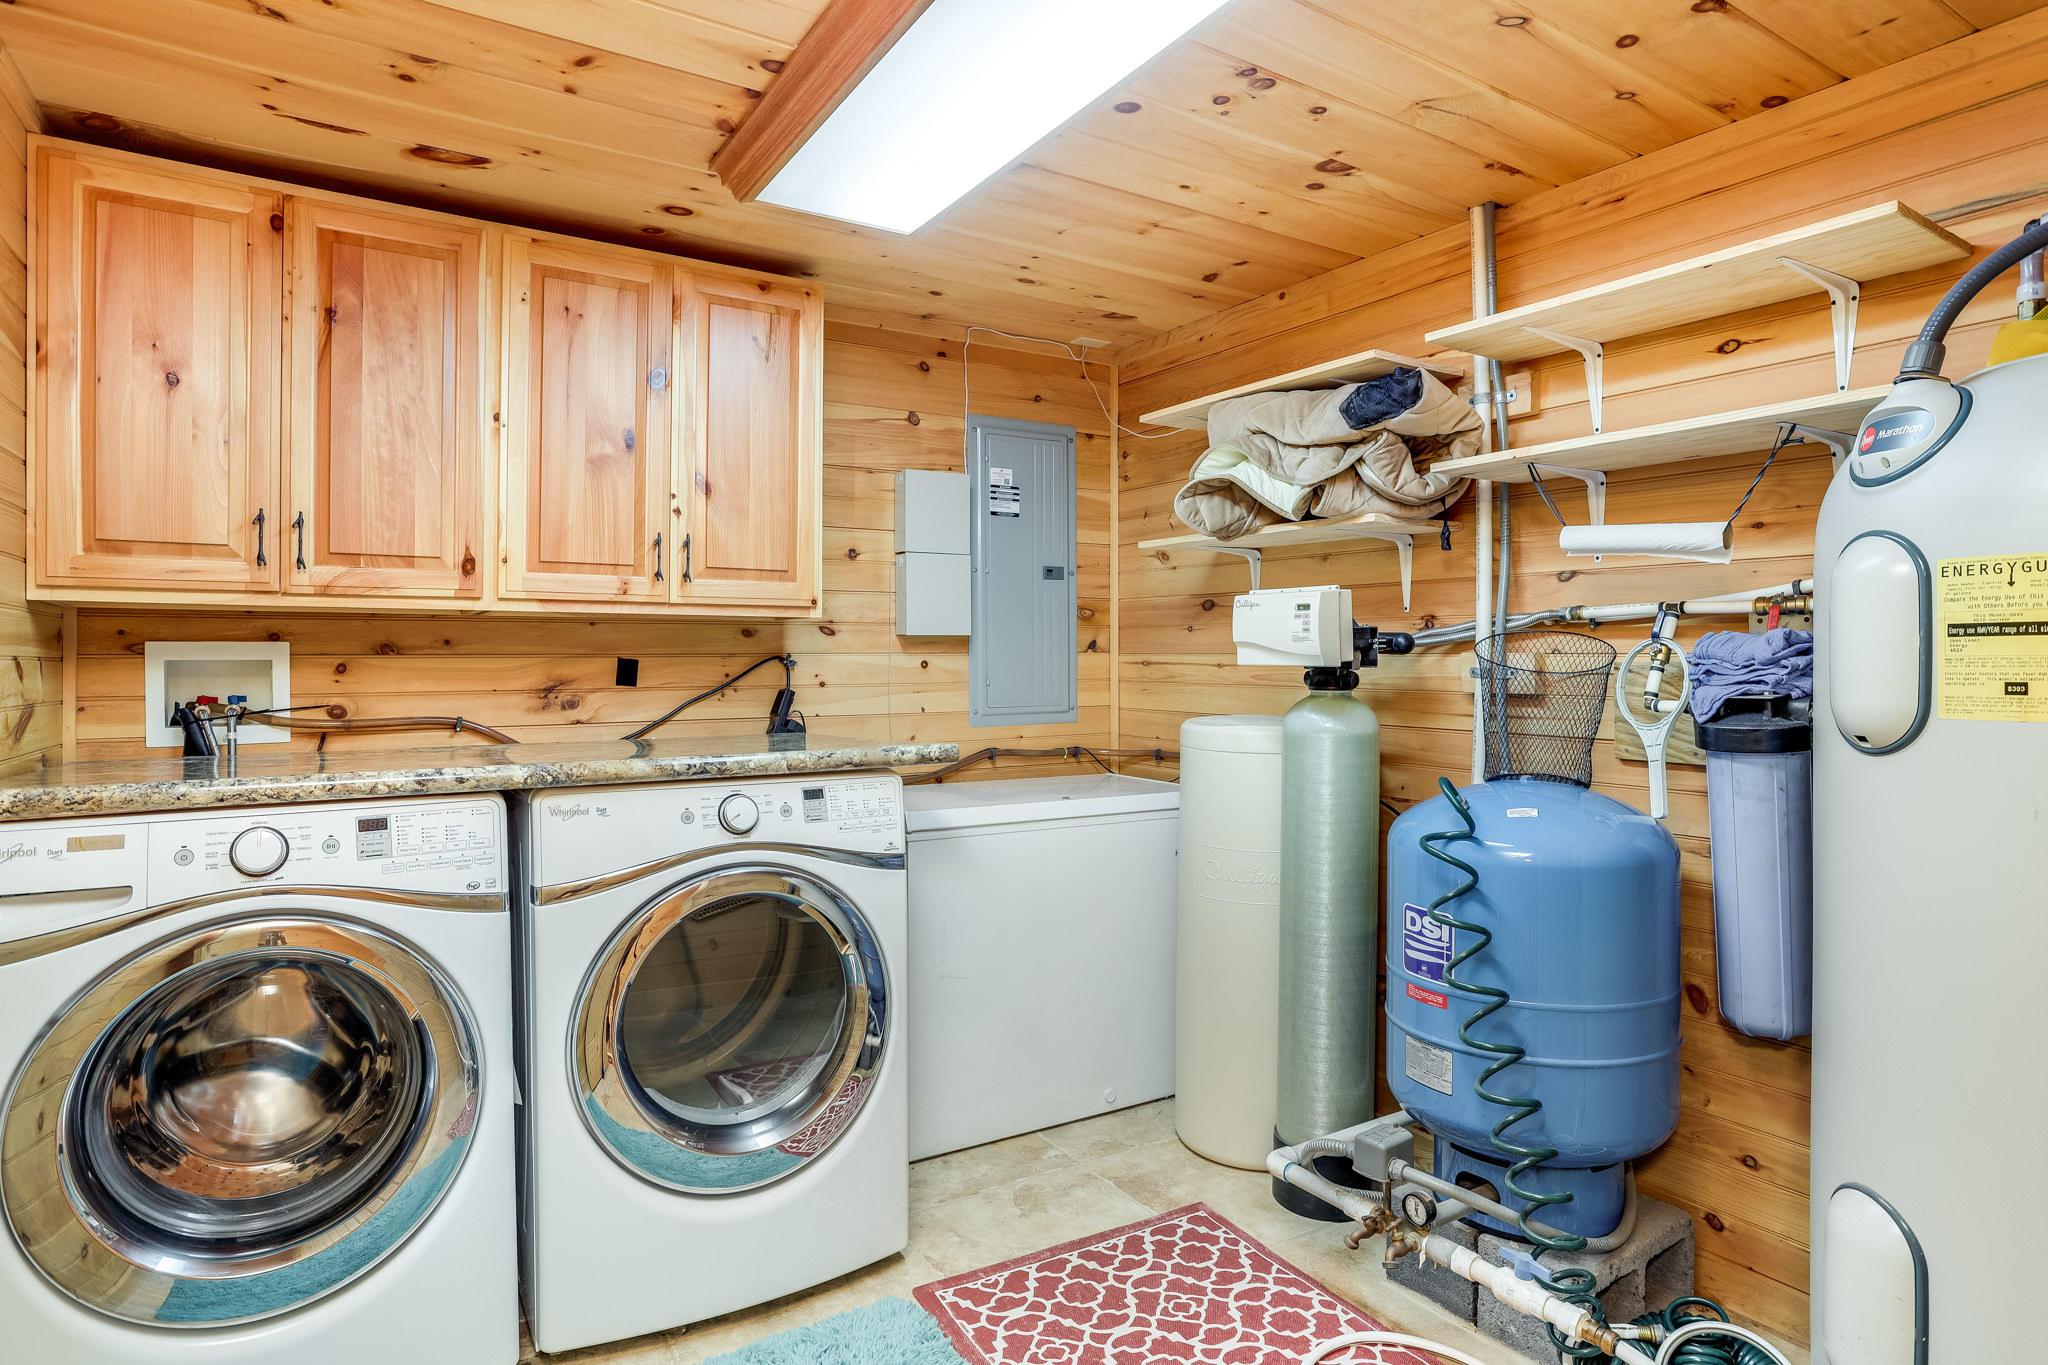 536 Pinnacle Vista Rd, Gatlinburg, Tennessee 37738, 4 Bedrooms Bedrooms, ,3 BathroomsBathrooms,Single Family,For Sale,Pinnacle Vista,1092110